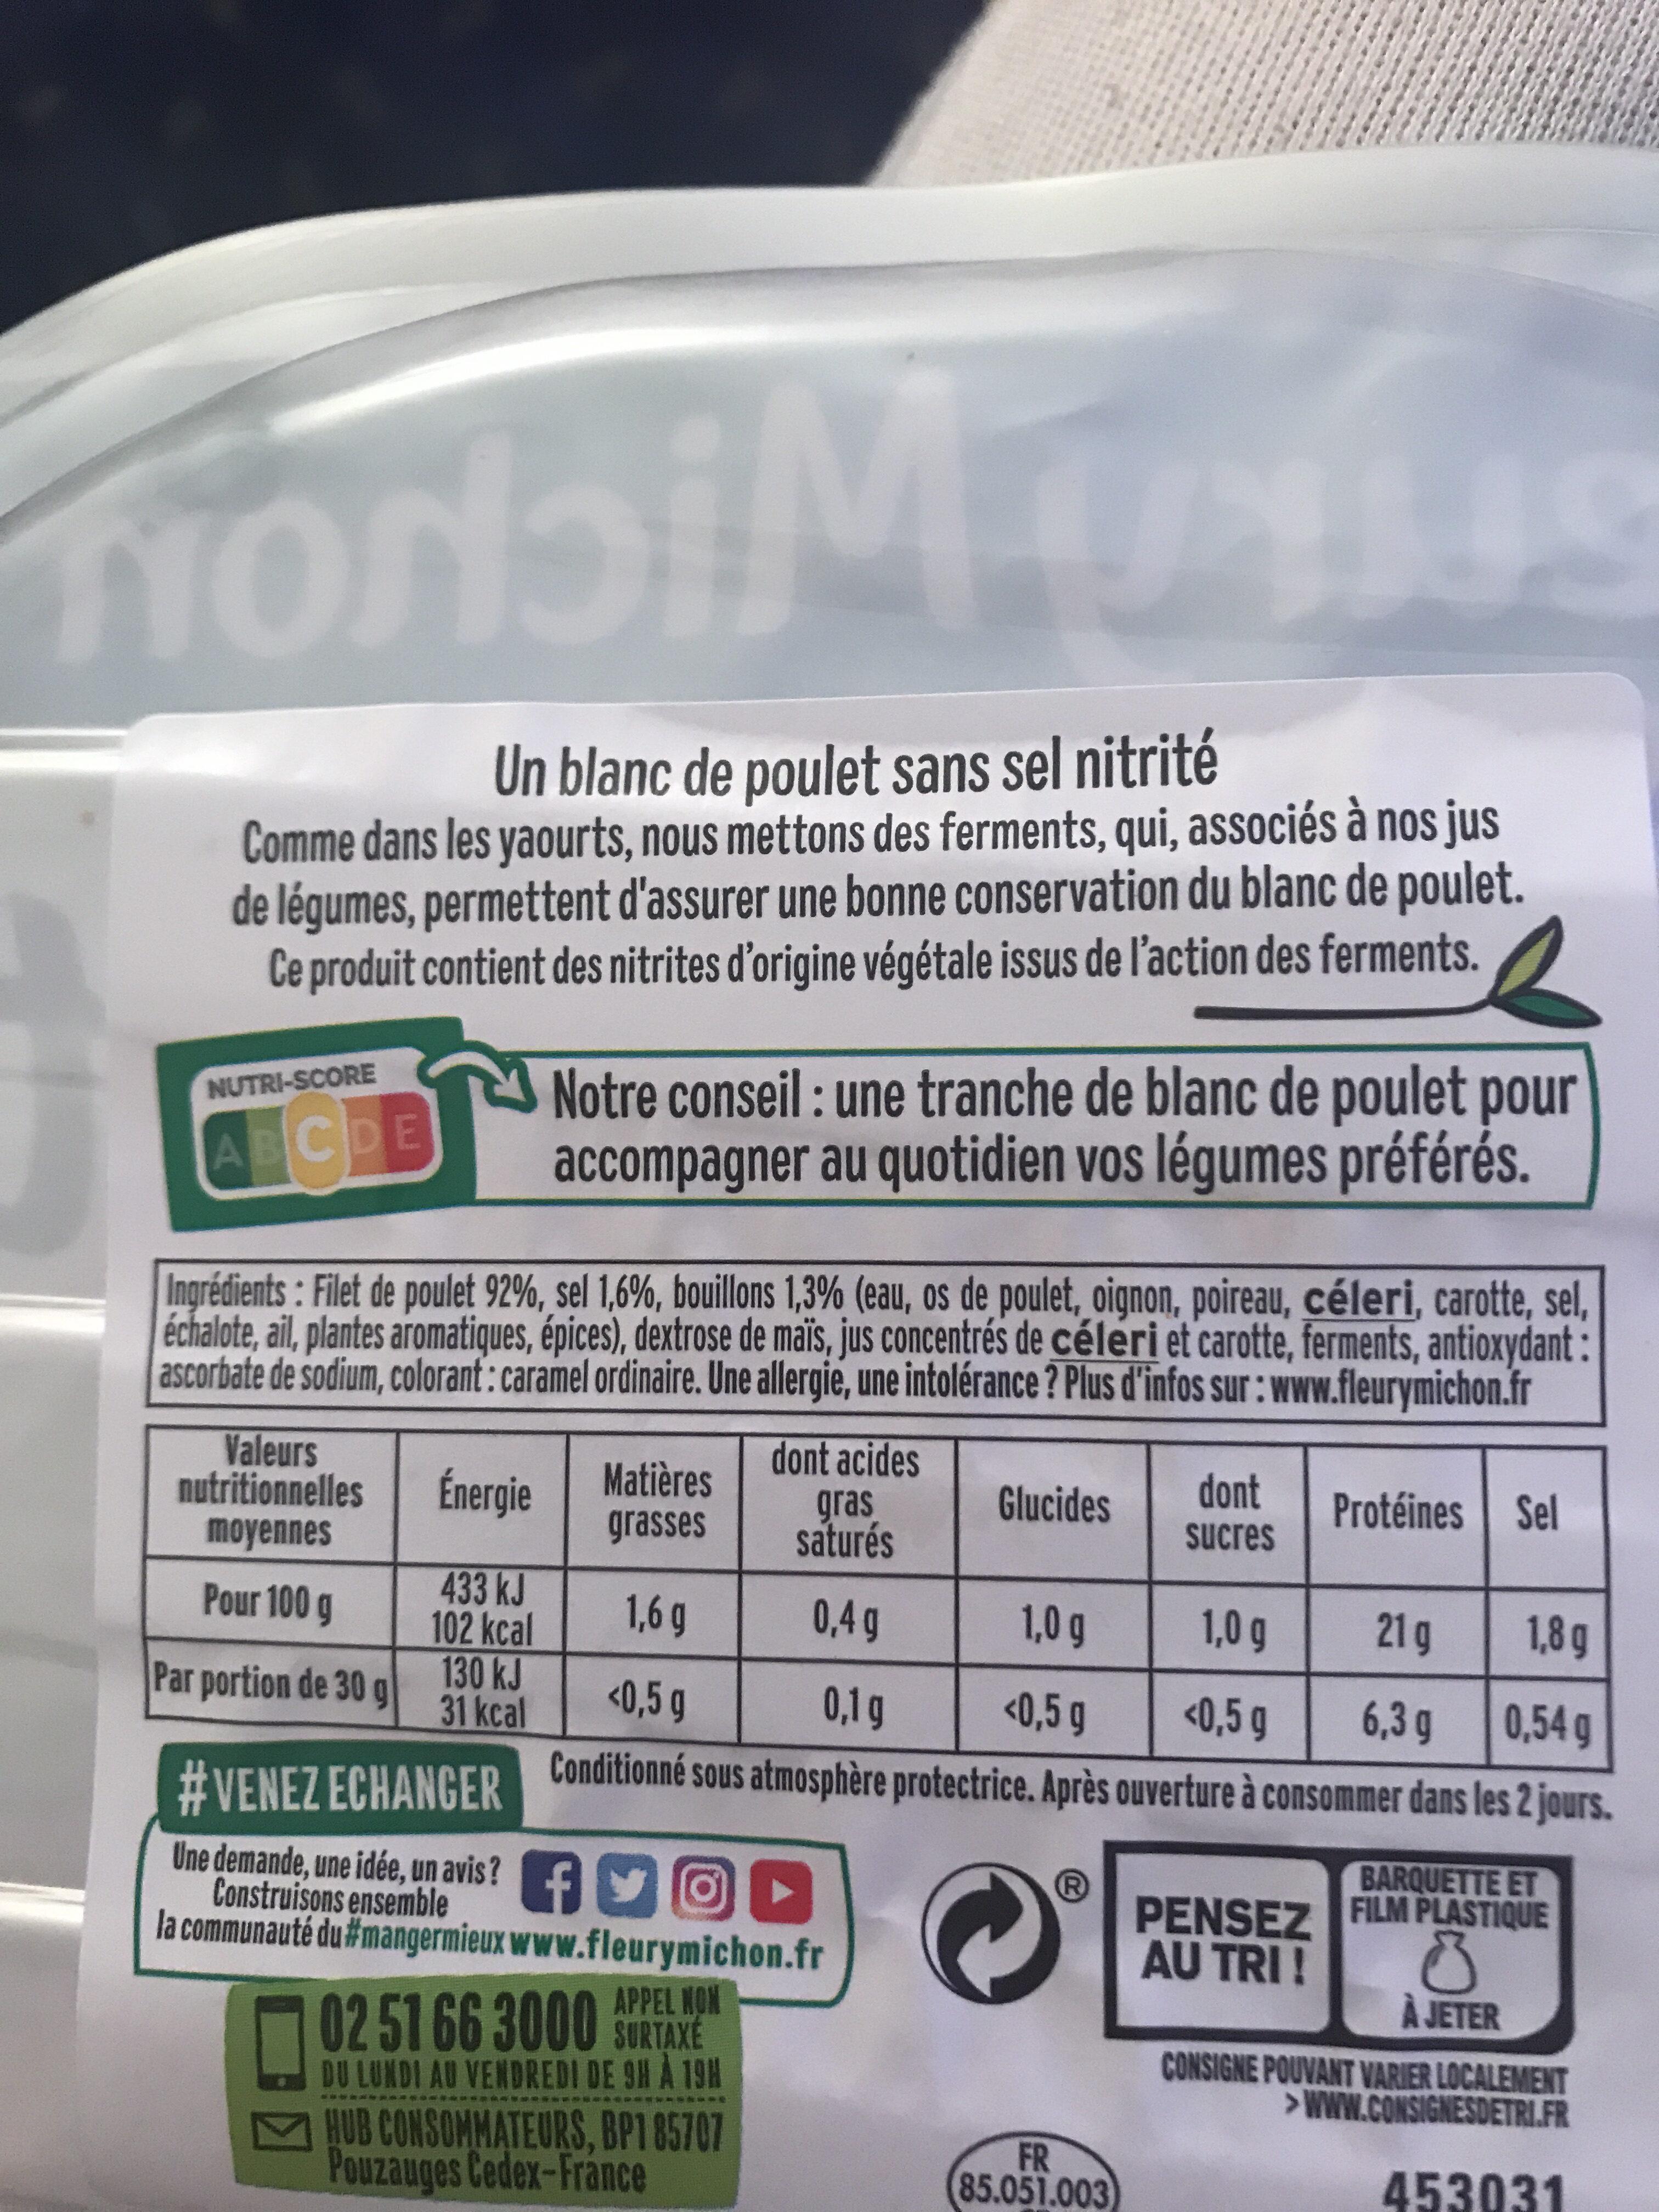 Blanc de poulet - Fleury Michon